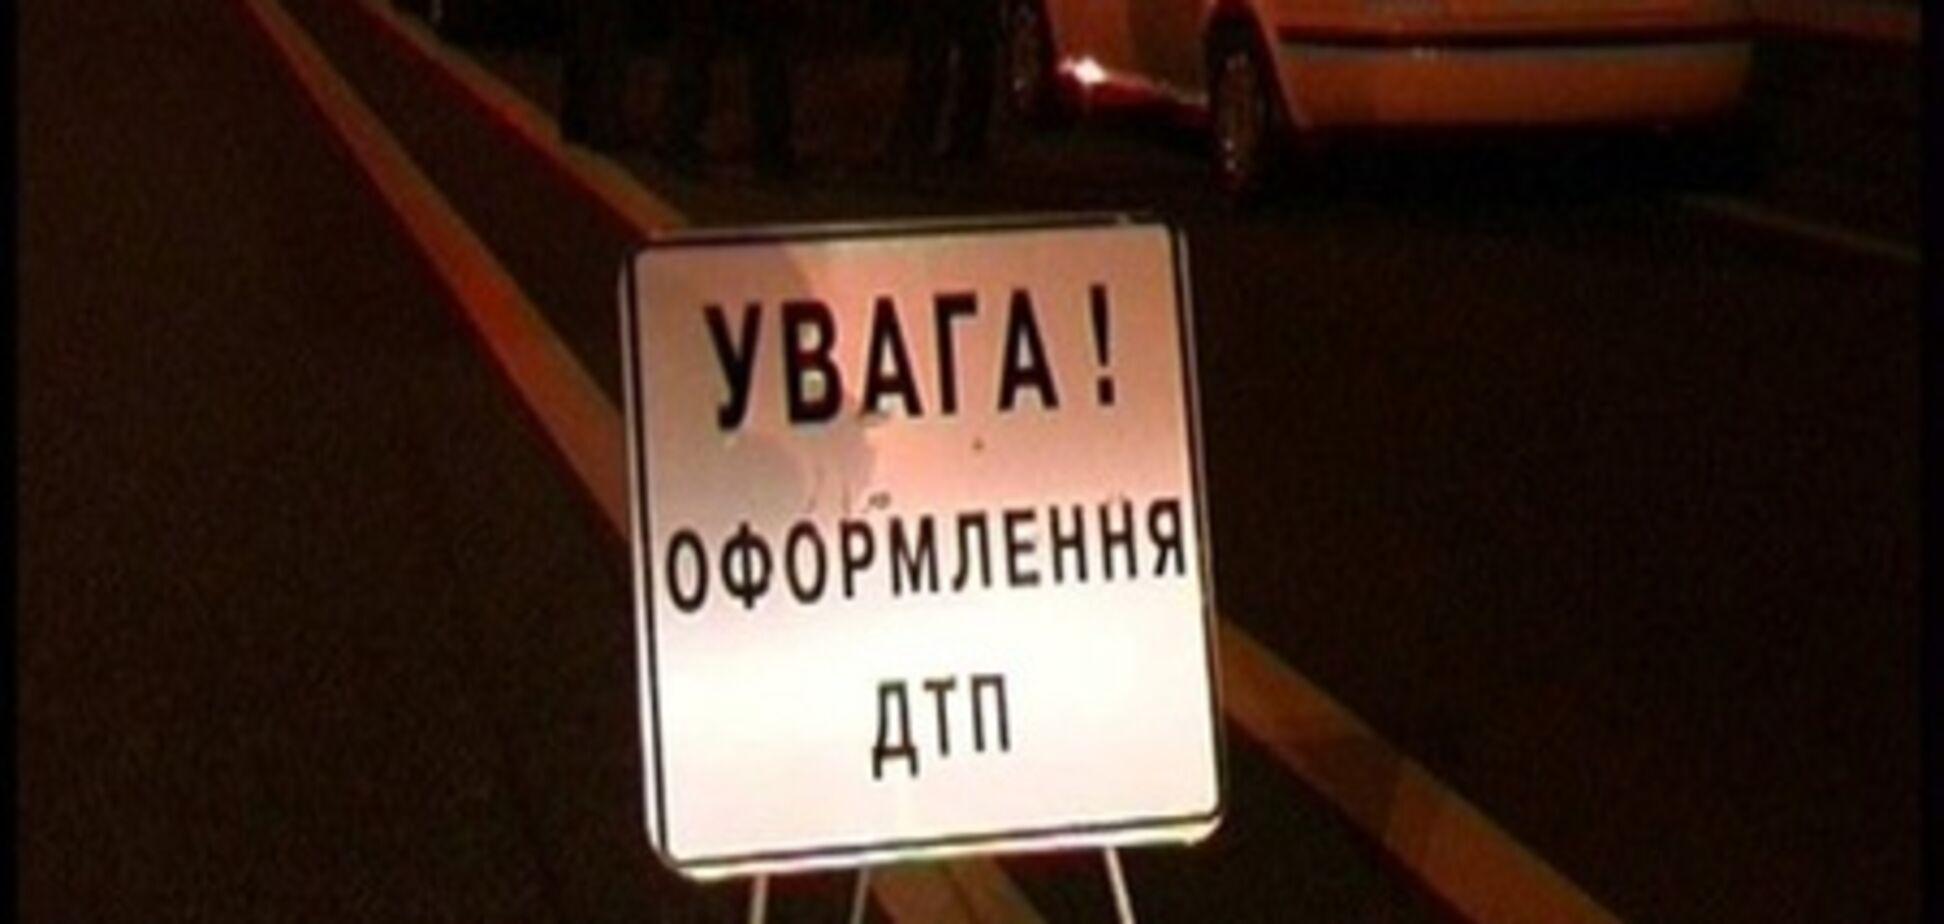 В Ривном маршрутка врезалась в грузовик: есть жертвы